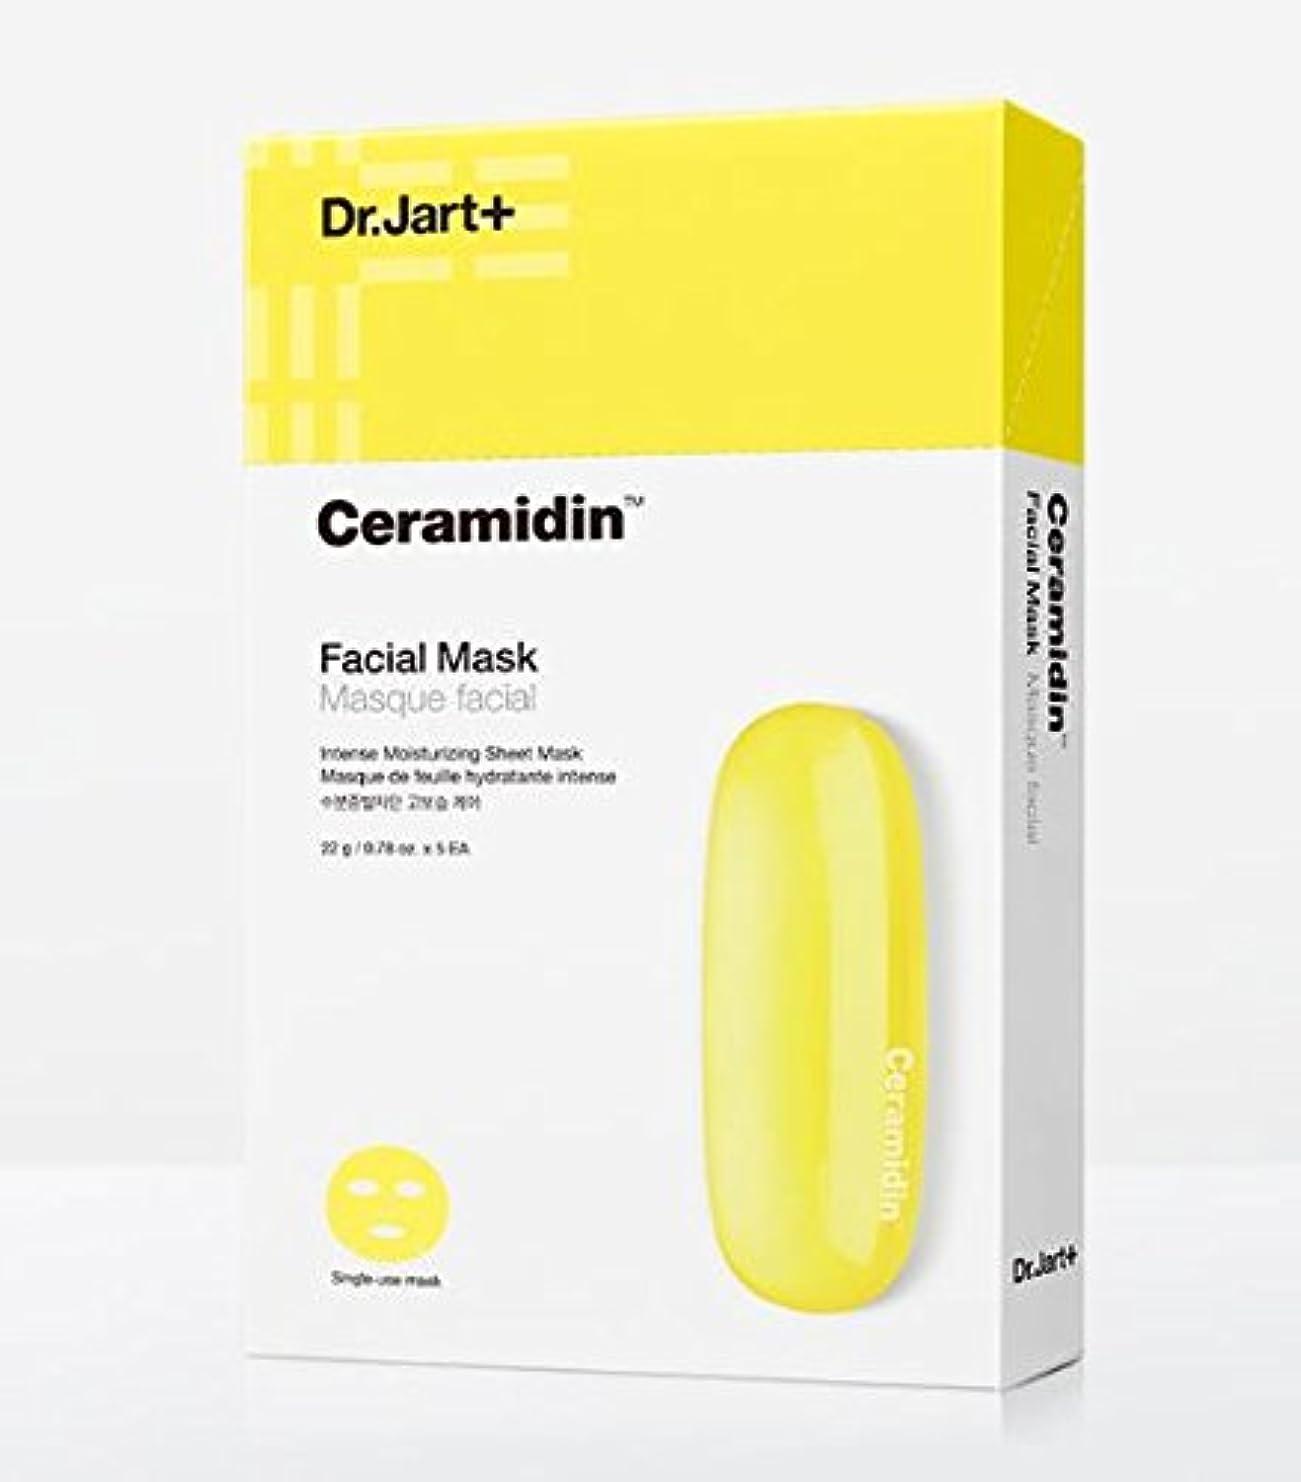 に応じて洪水口頭[韓国コスメ Dr.Jart+] Ceramidin Mask ドクタージャルト セラマイディンマスク(10枚) [並行輸入品]